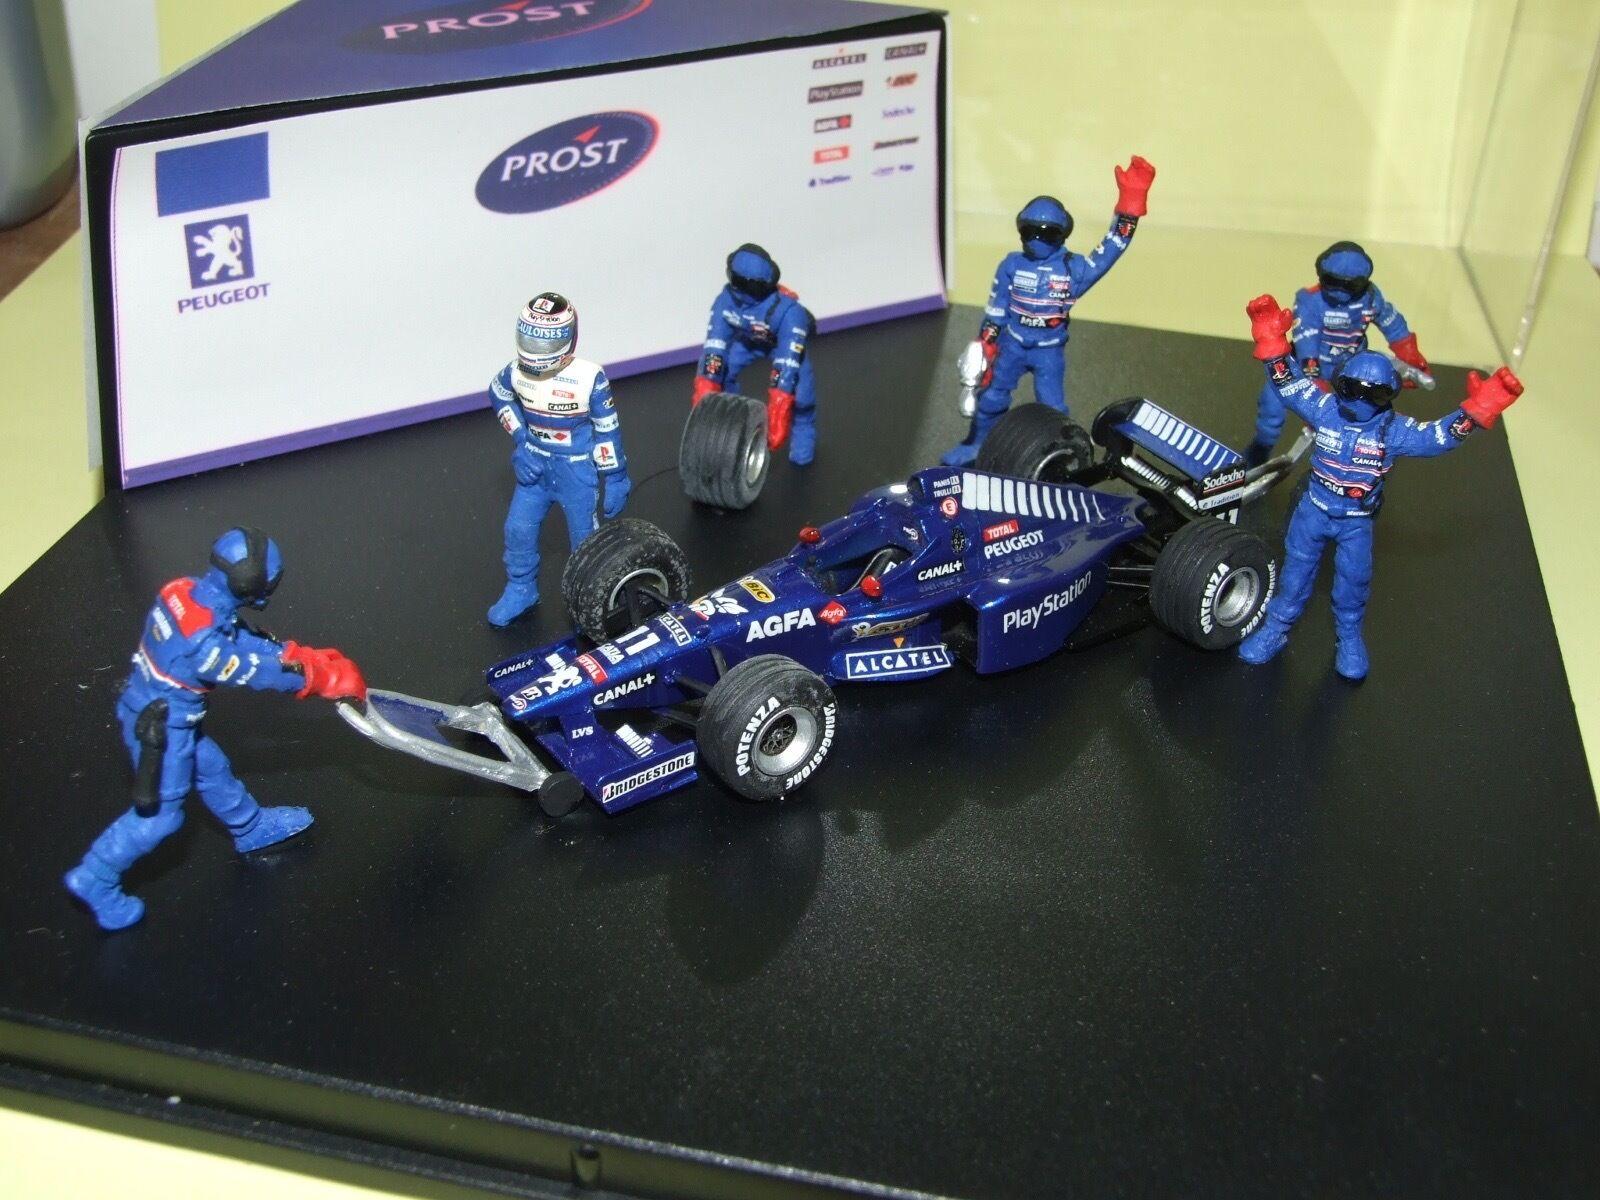 Prost peugeot ap01 1998 o. panis diorama model resin 1 43 rare